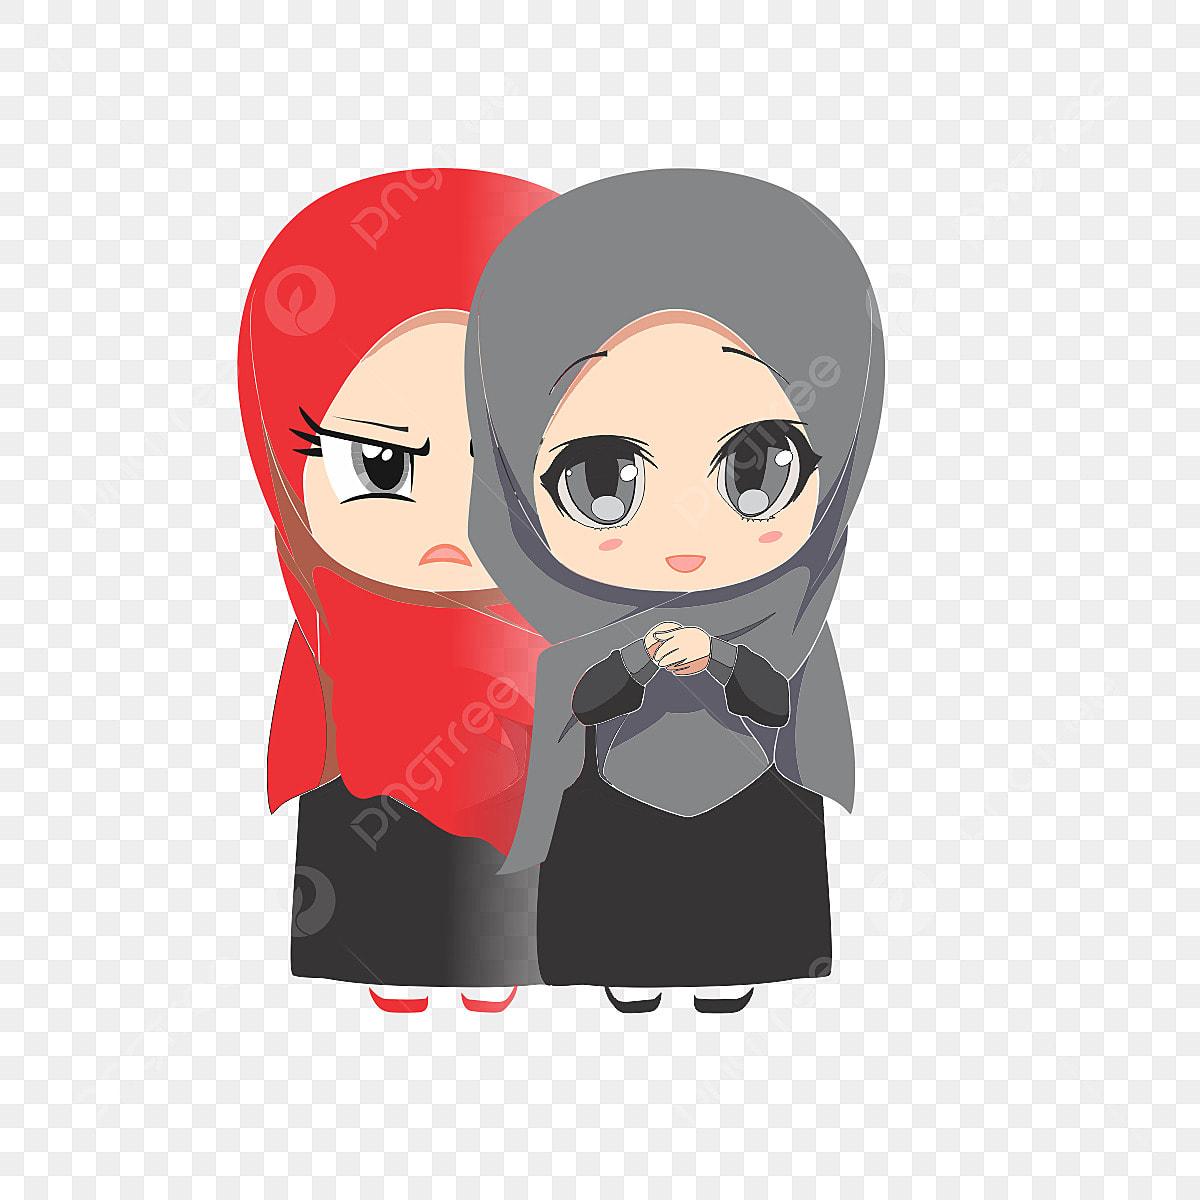 Gambar Gadis Kartun Muslim Islam Muslim Kedamaian Png Dan Clipart Untuk Muat Turun Percuma